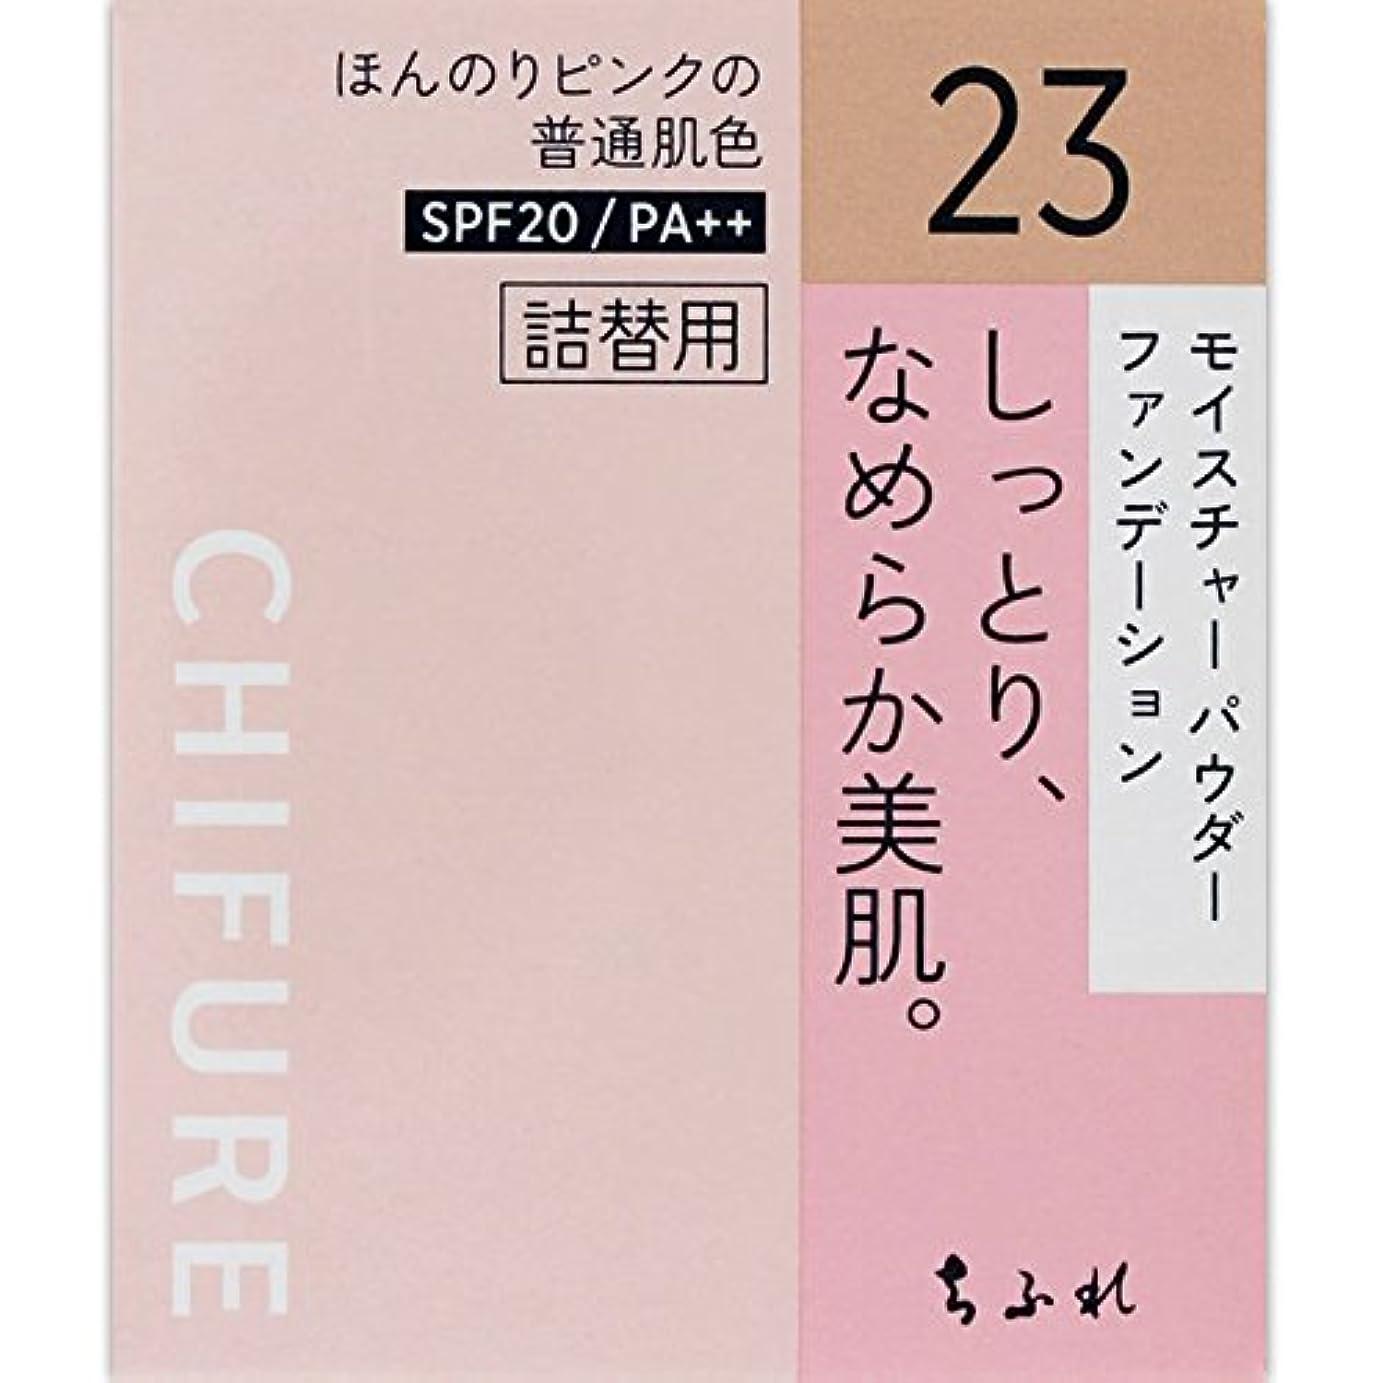 爆発する短命ピクニックをするちふれ化粧品 モイスチャー パウダーファンデーション 詰替用 ピンクオークル系 MパウダーFD詰替用23